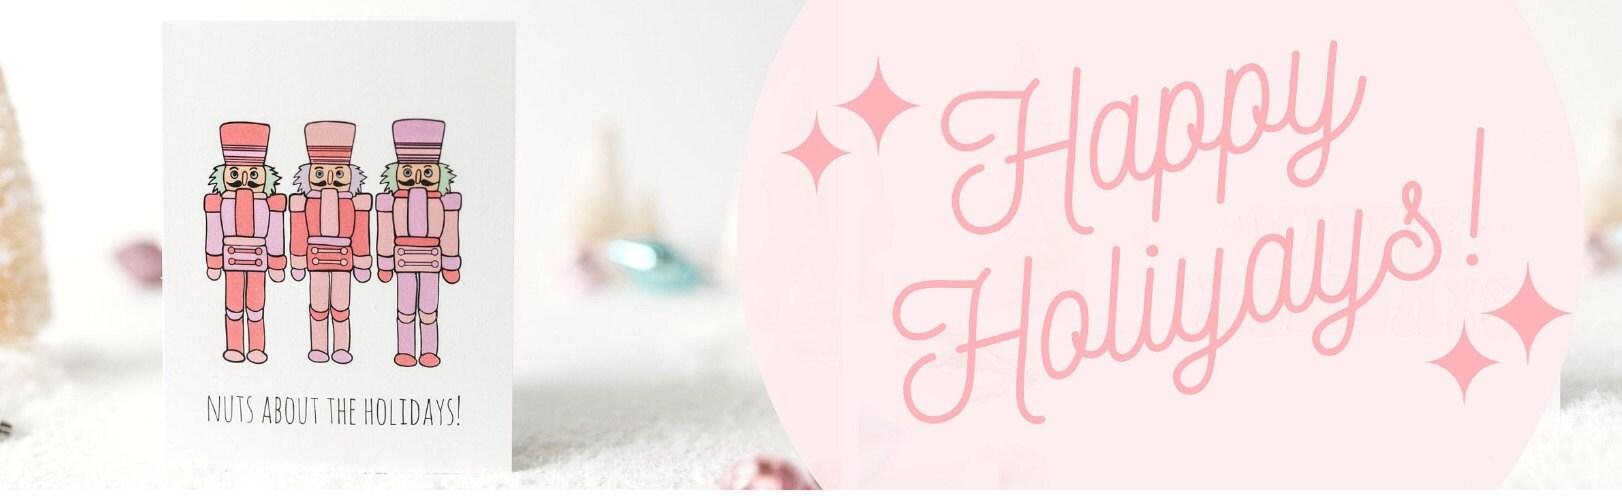 acouplepuns, holiday cards, christmas cards